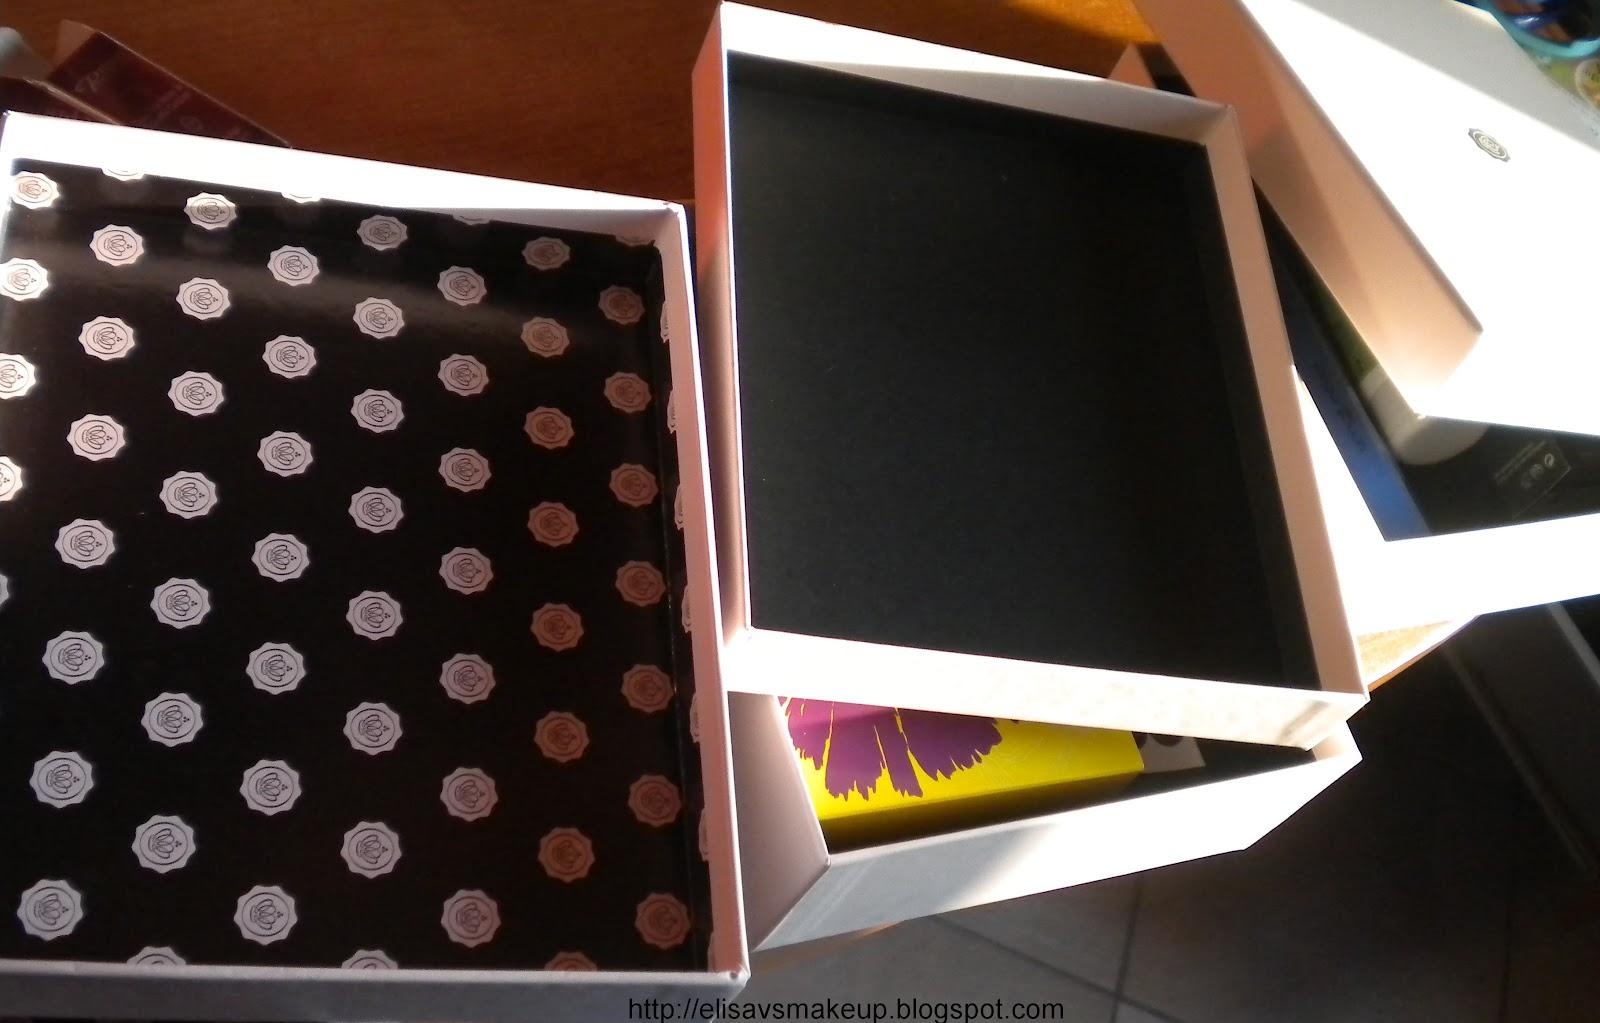 Mini Cassettiera Fai Da Te elisa vs make-up: riutilizzare le glossybox per creare una